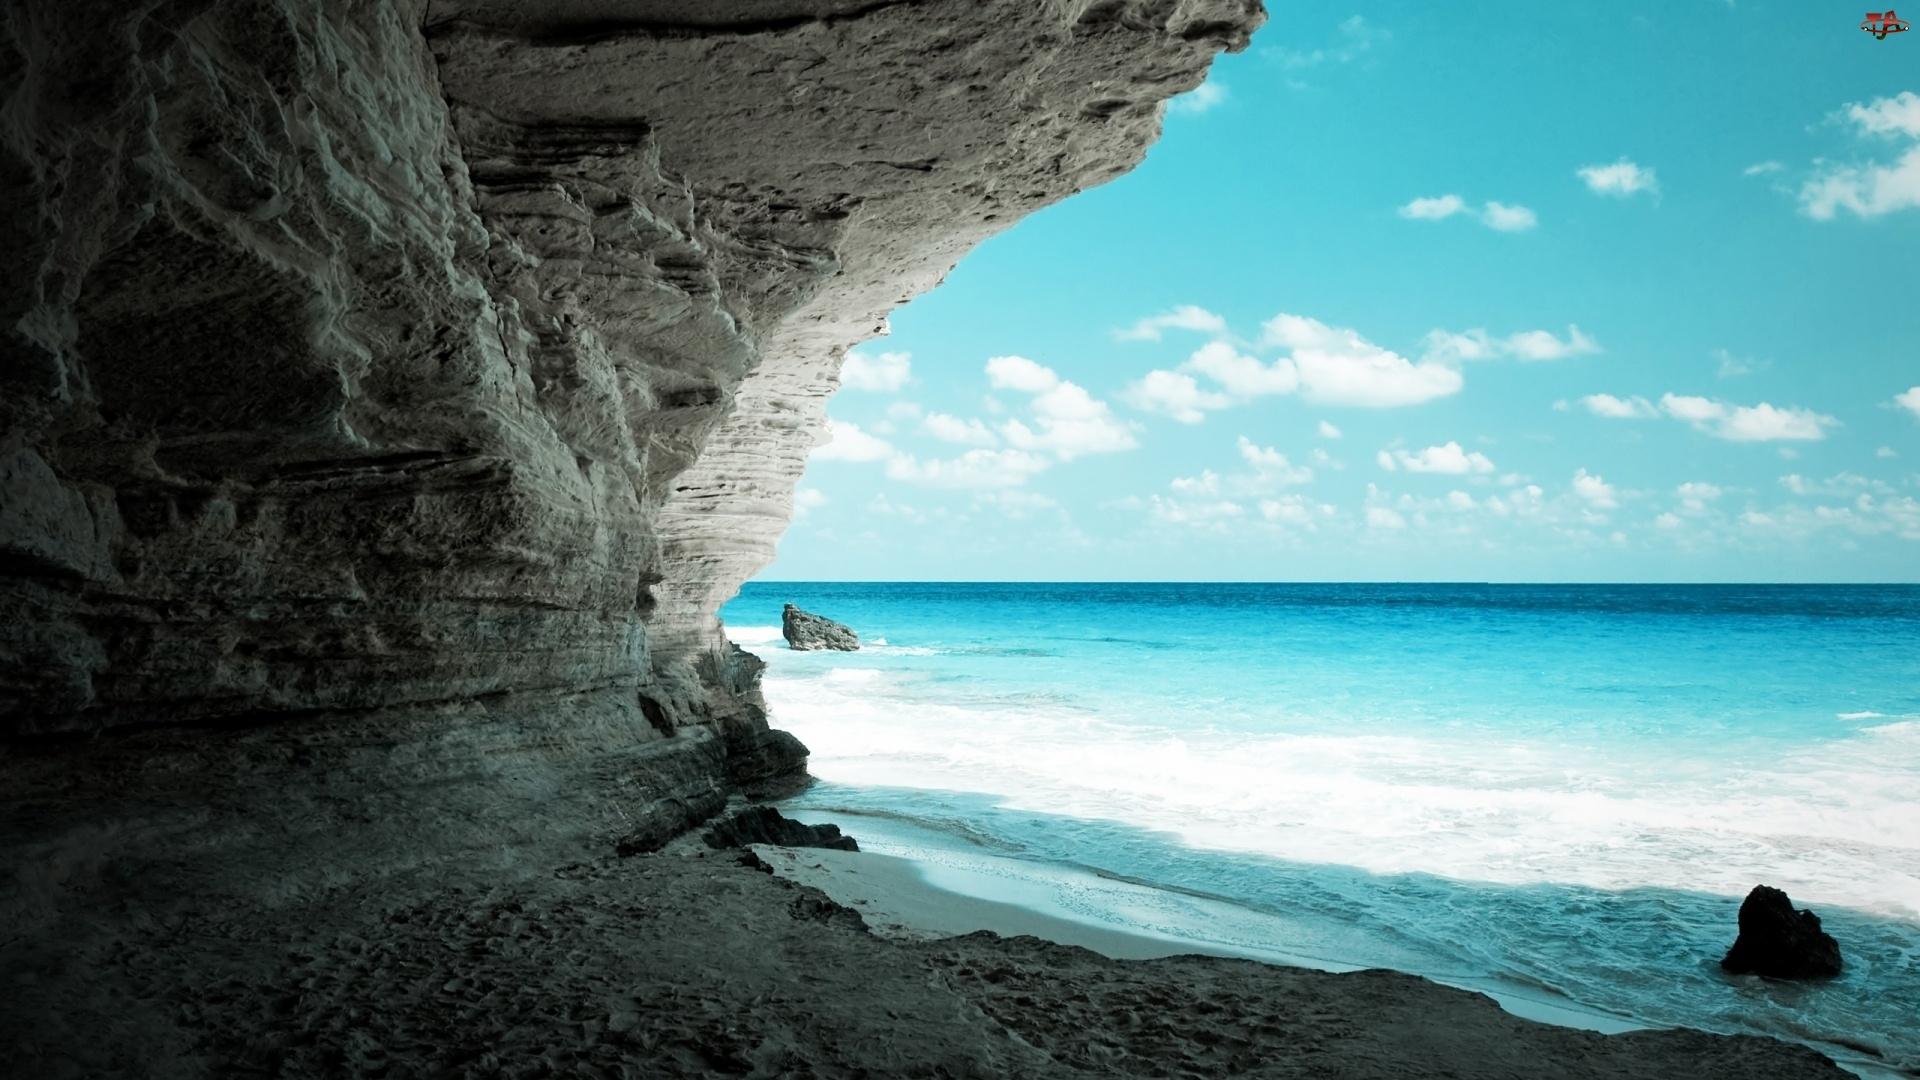 Jaskinia, Fale, Skały, Morze